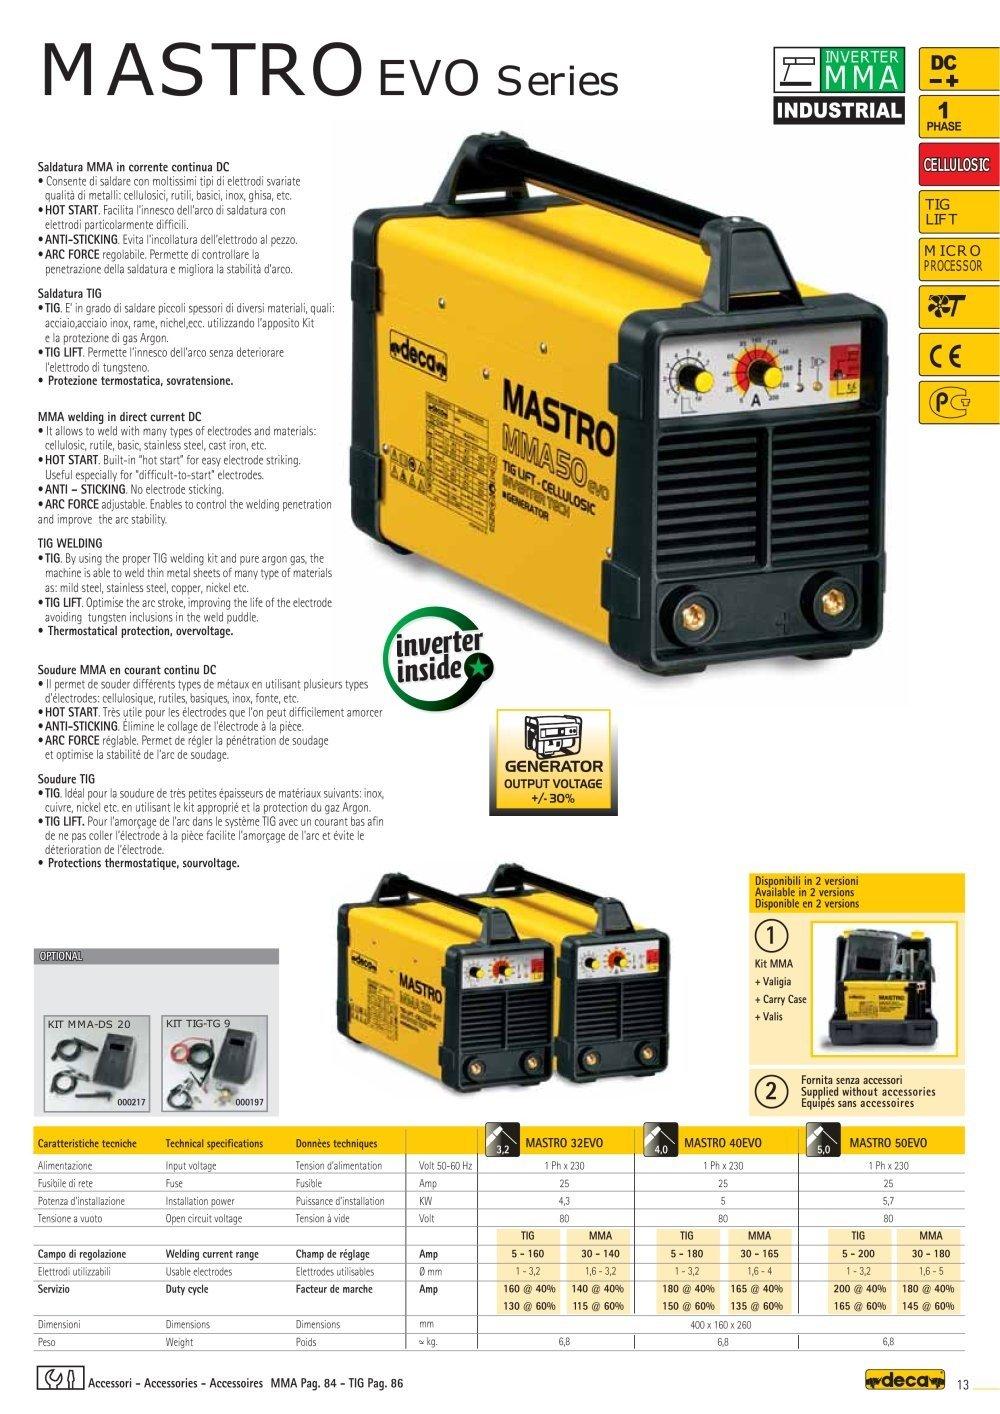 Soldador inverter Mastro 40evo 230/50 - 60 1PH Deca: Amazon.es: Bricolaje y herramientas